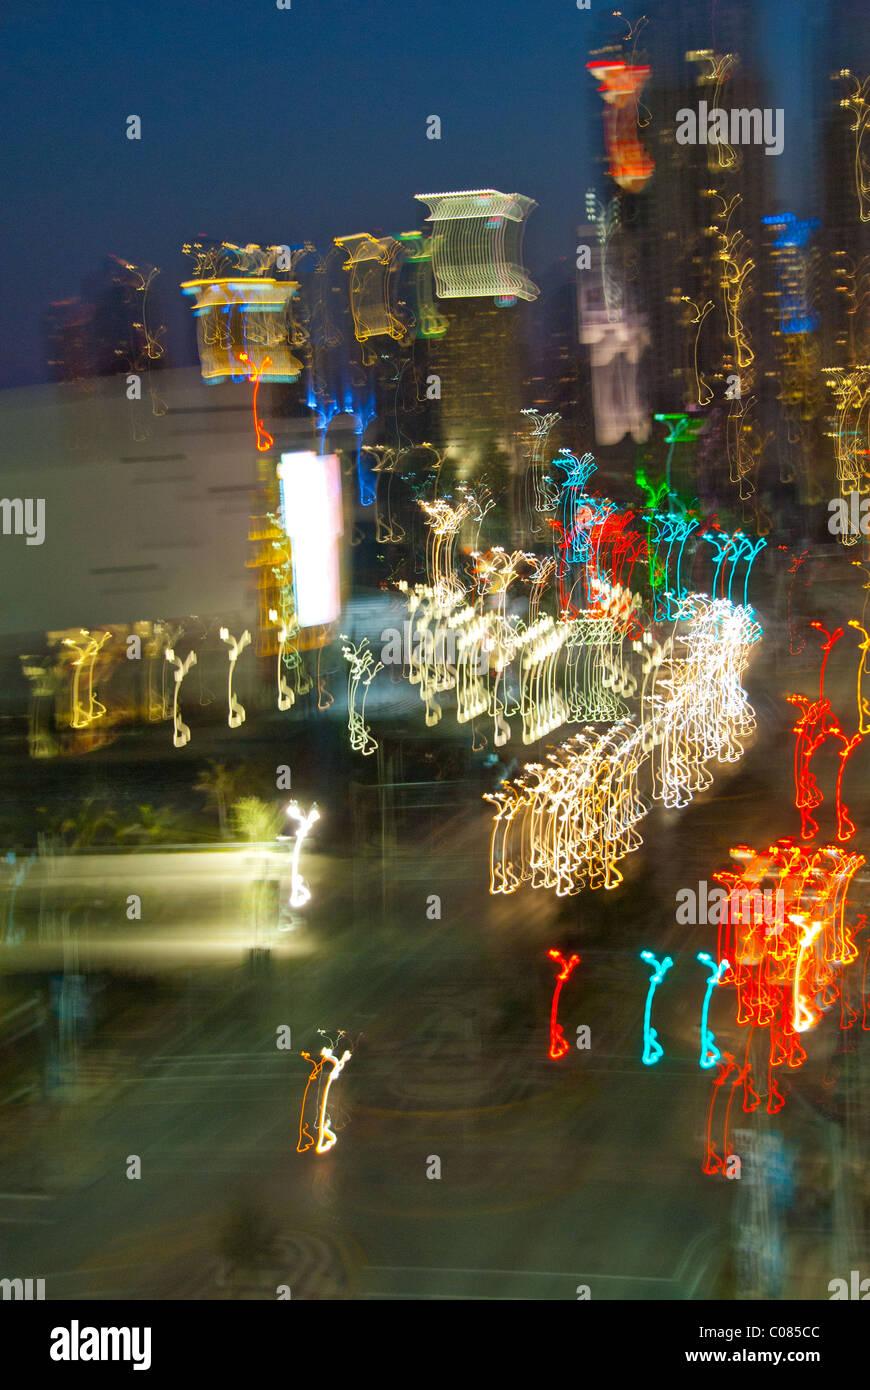 Abstract motion blur della skyline di Miami, Florida, Stati Uniti d'America Immagini Stock